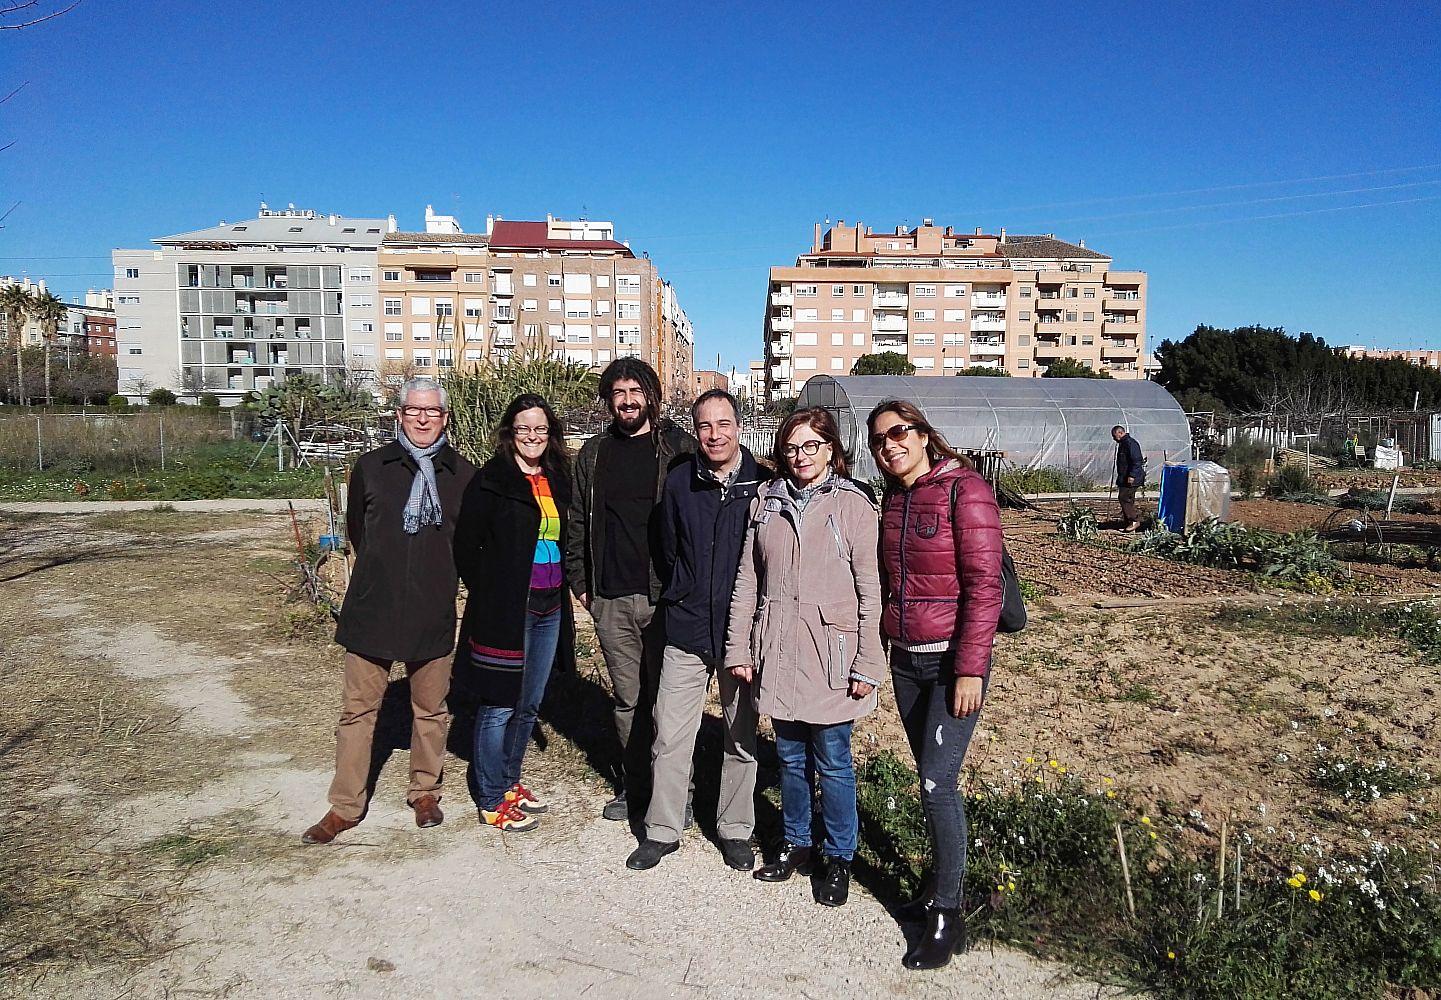 Ajuntament d 39 alaqu s prensa los huertos urbanos de - Trabajo en alaquas ...